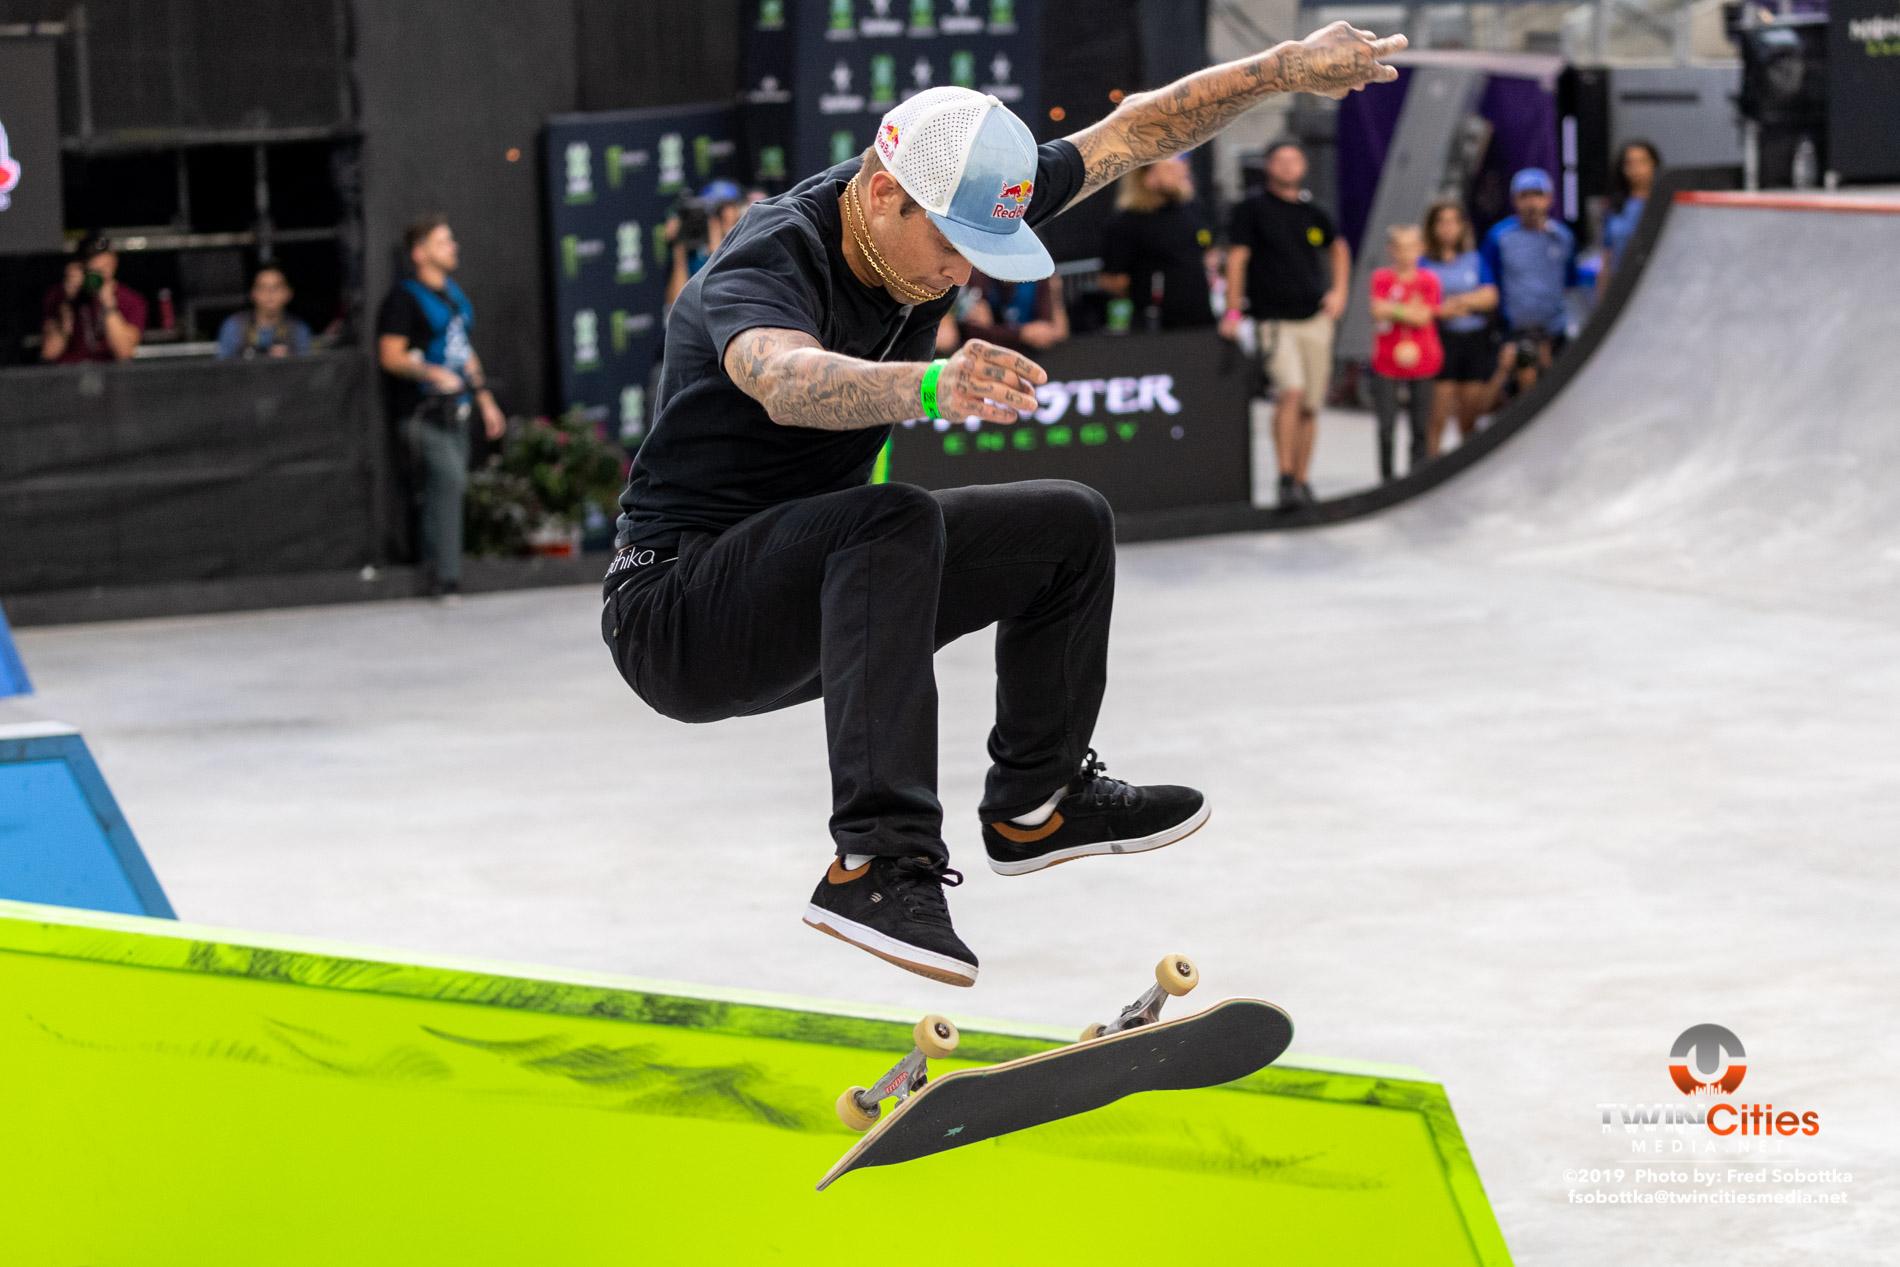 Monster-Energy-Mens-Skateboard-Street-Elimination-12